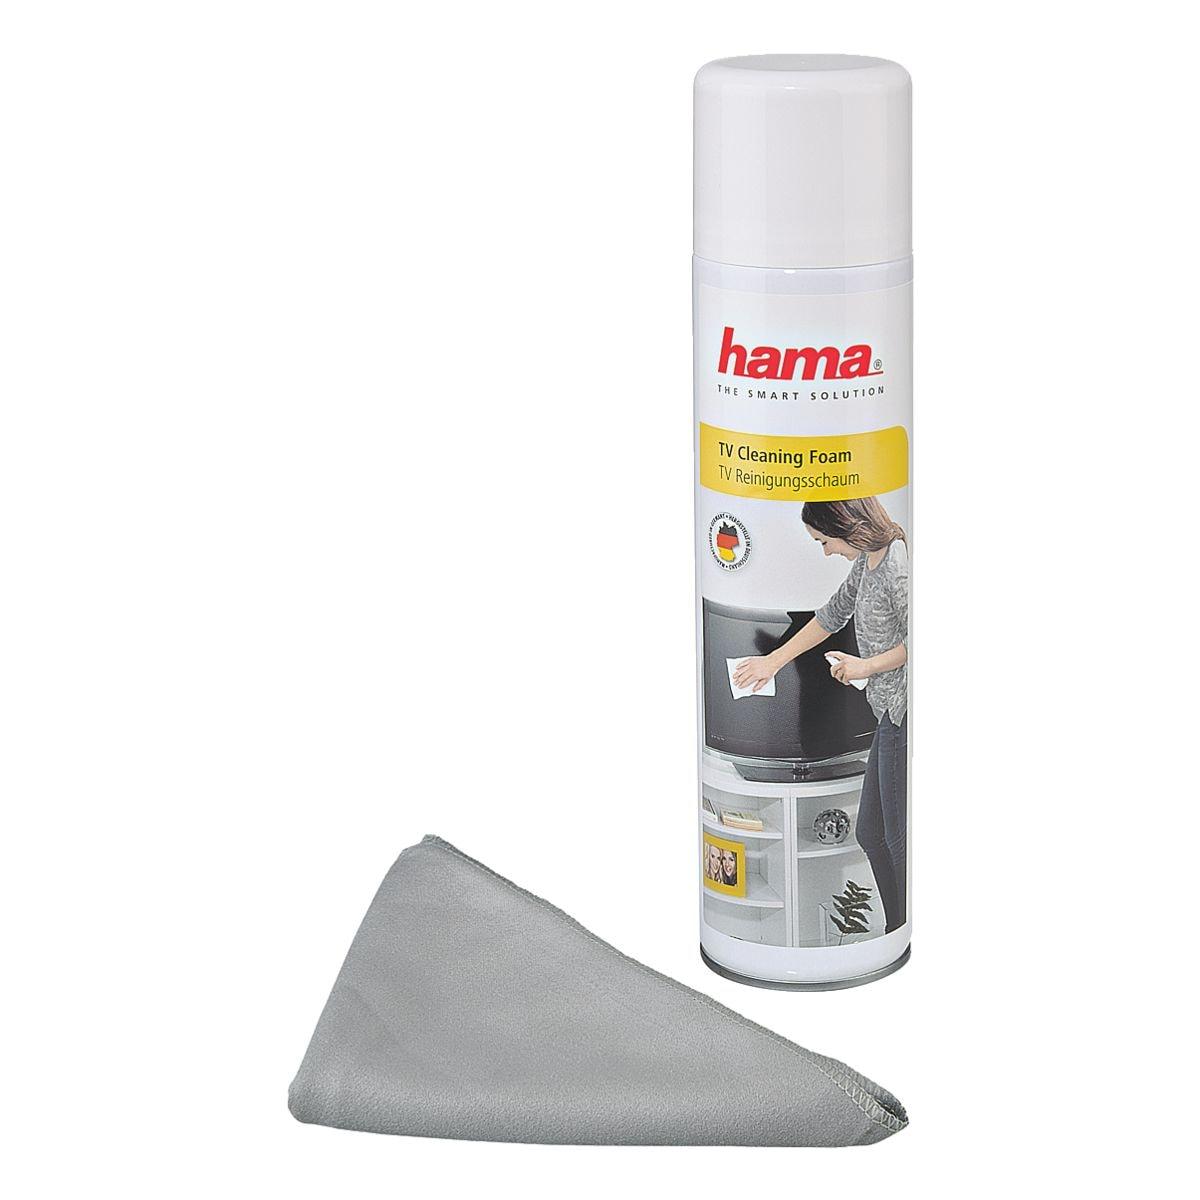 Hama TV-Reinigungsschaum mit Tuch